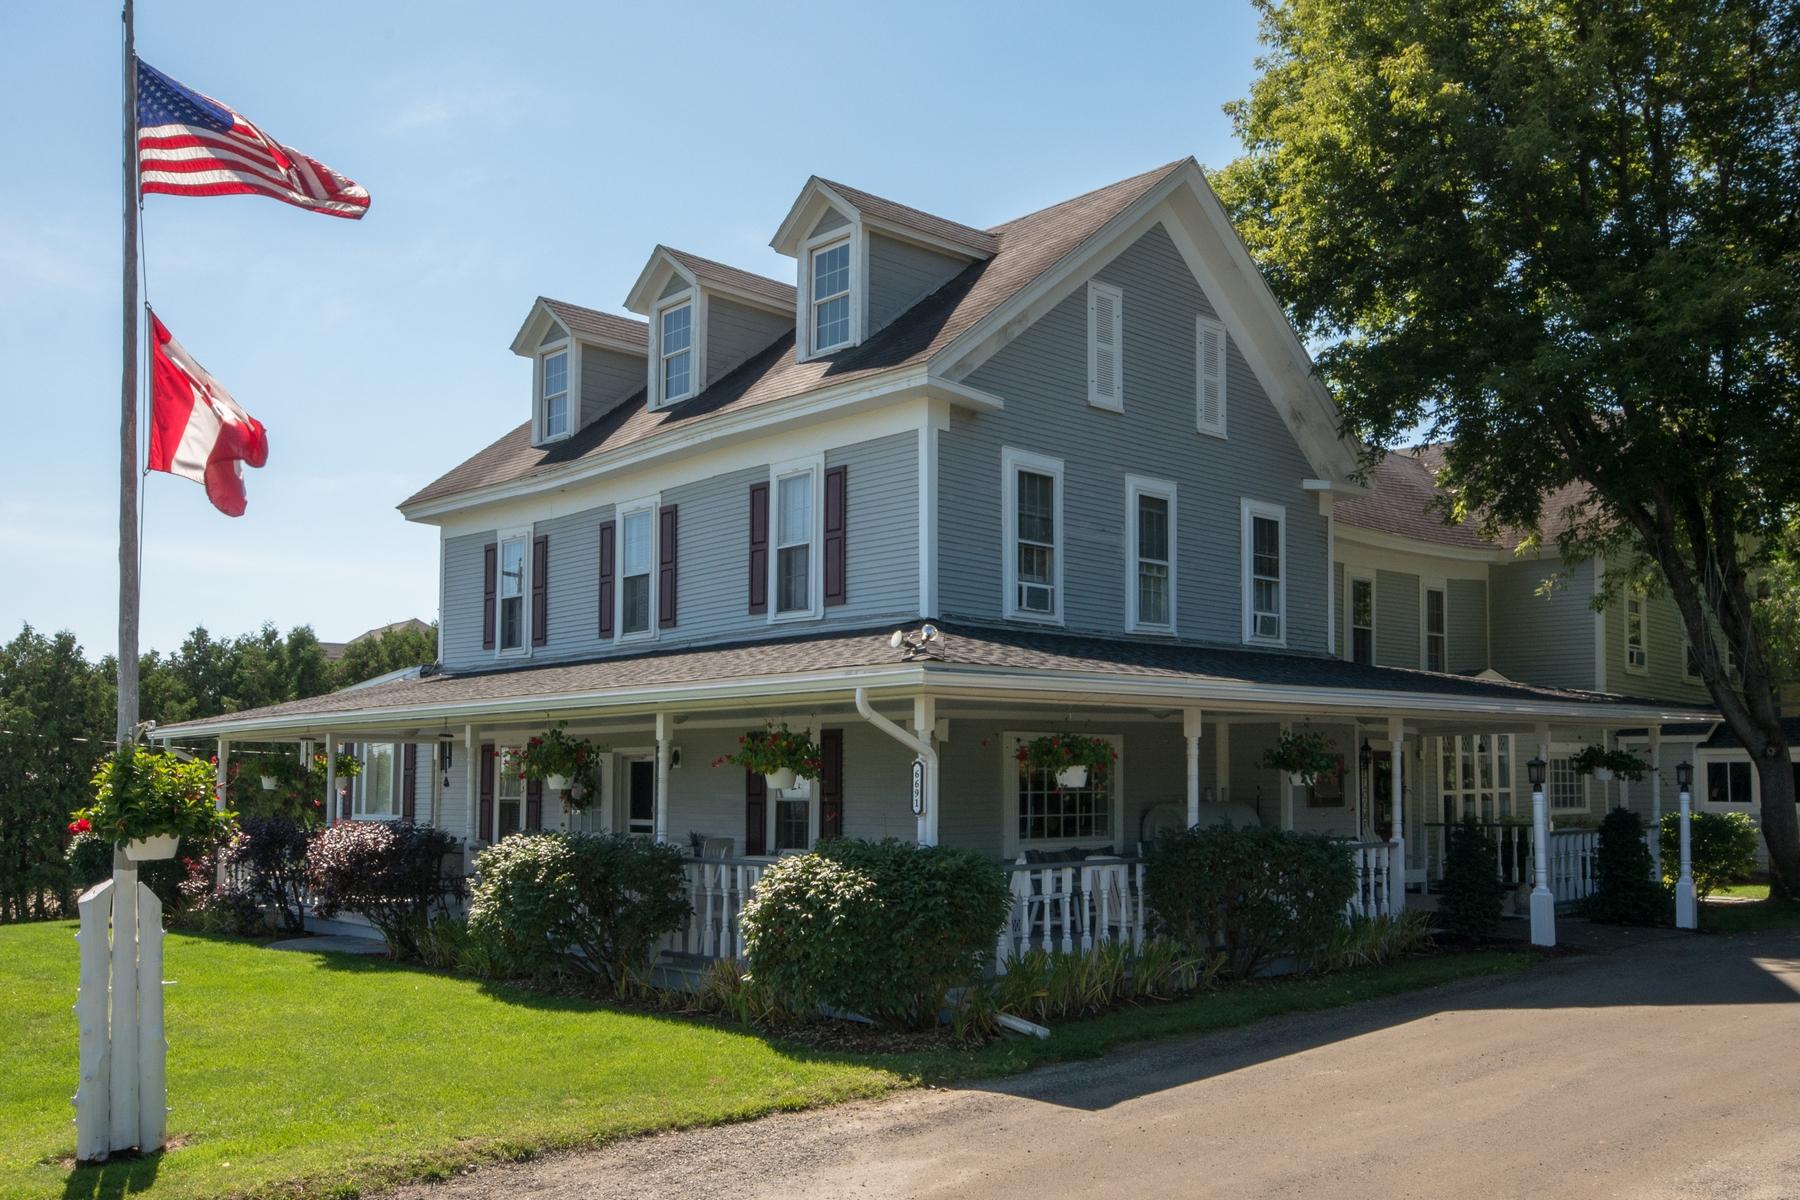 Các loại nhà khác vì Bán tại The Westport Hotel & Tavern 6691 Main St Westport, New York 12993 Hoa Kỳ